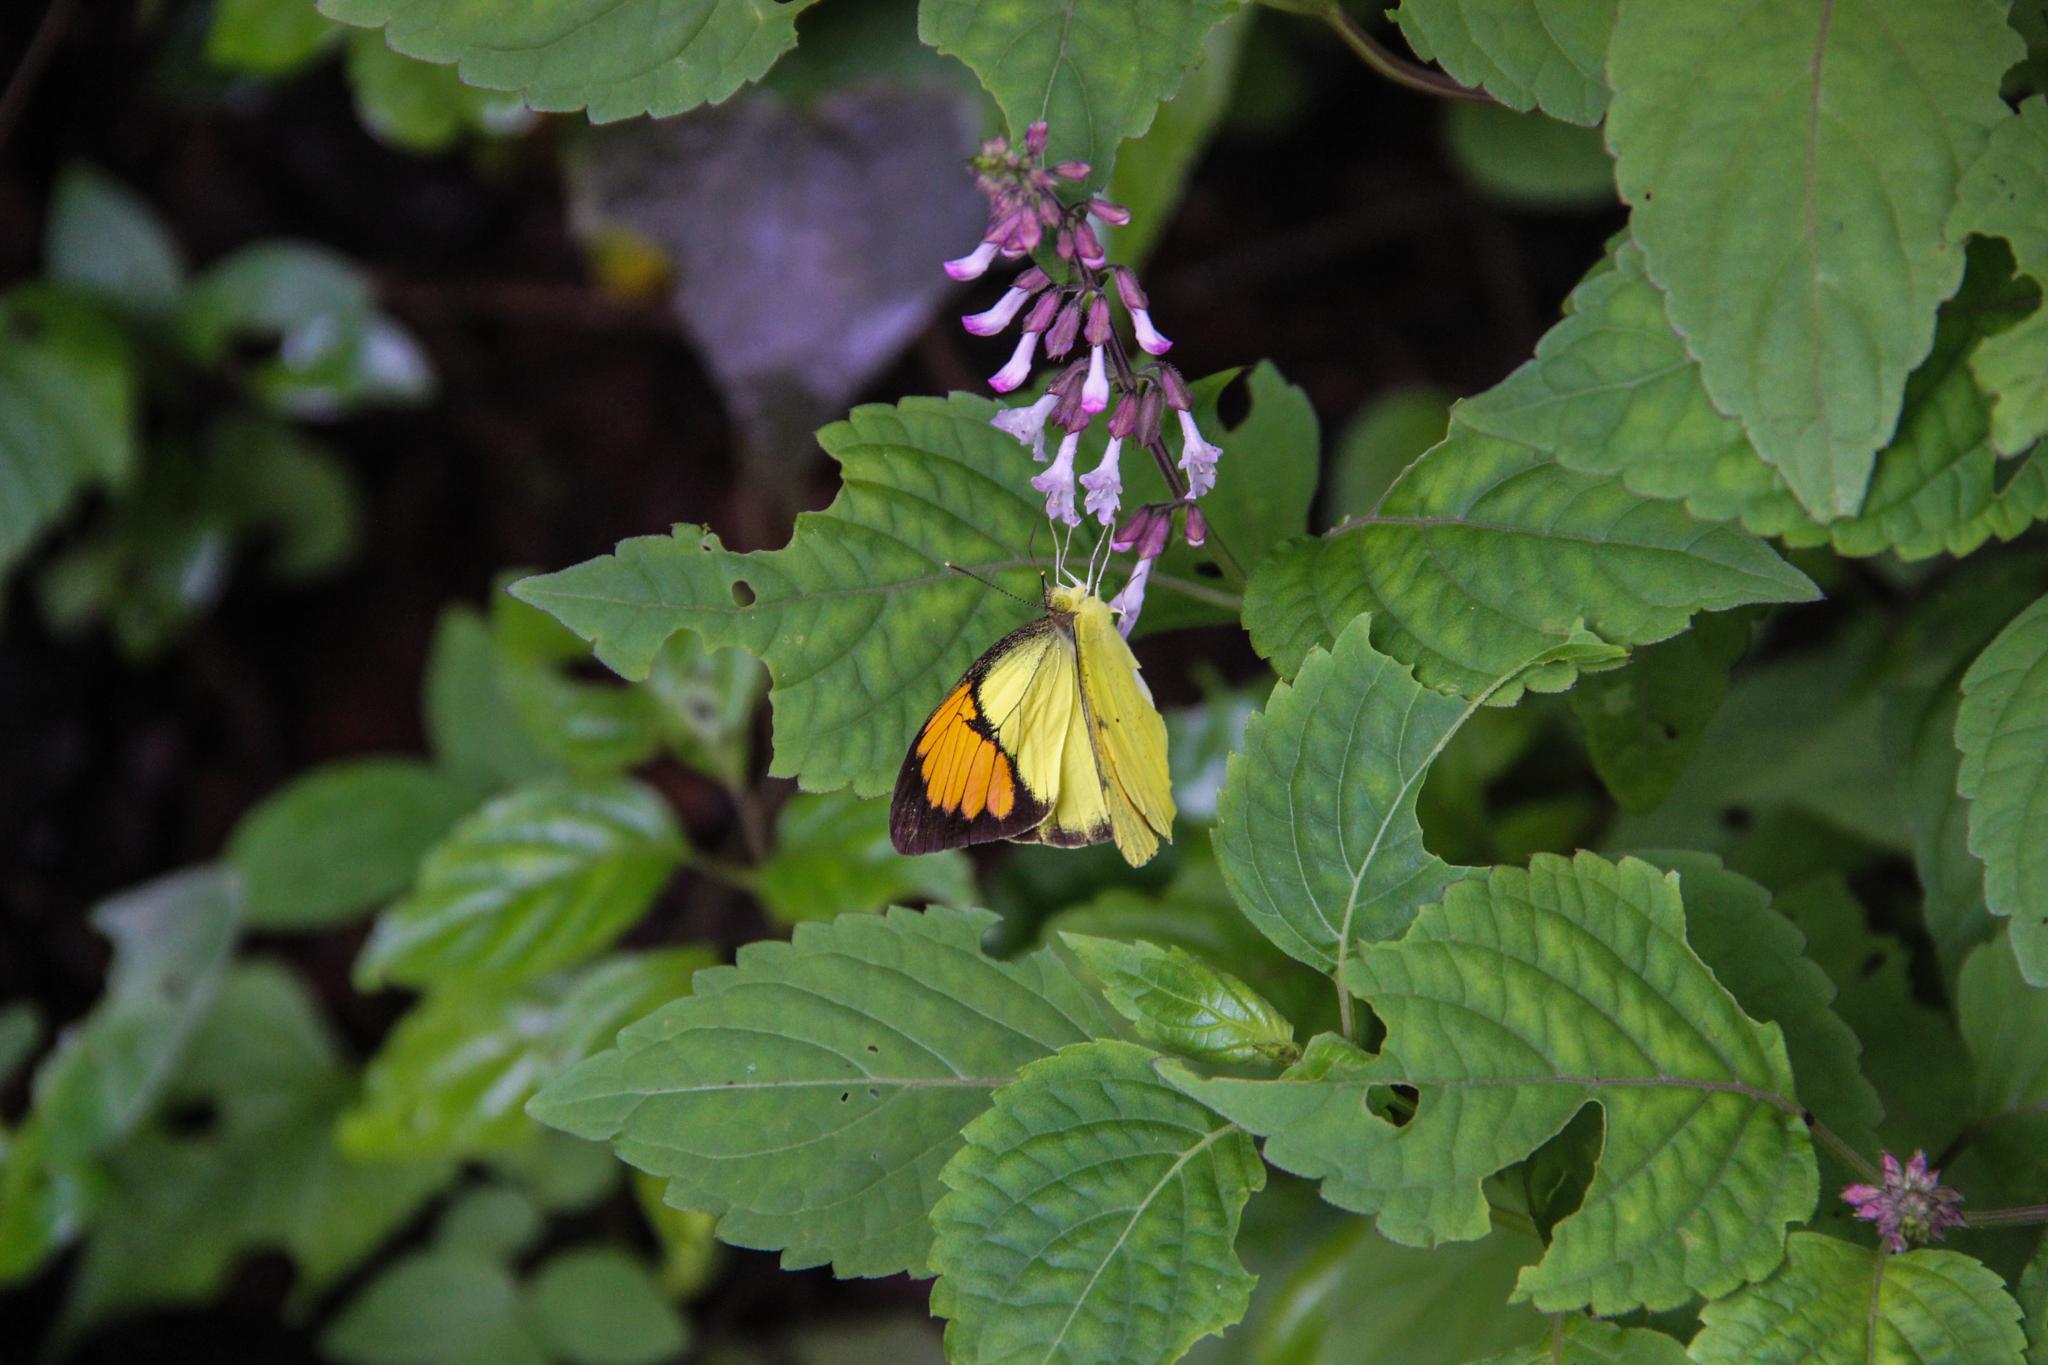 Butterfly by Sanket Joshi